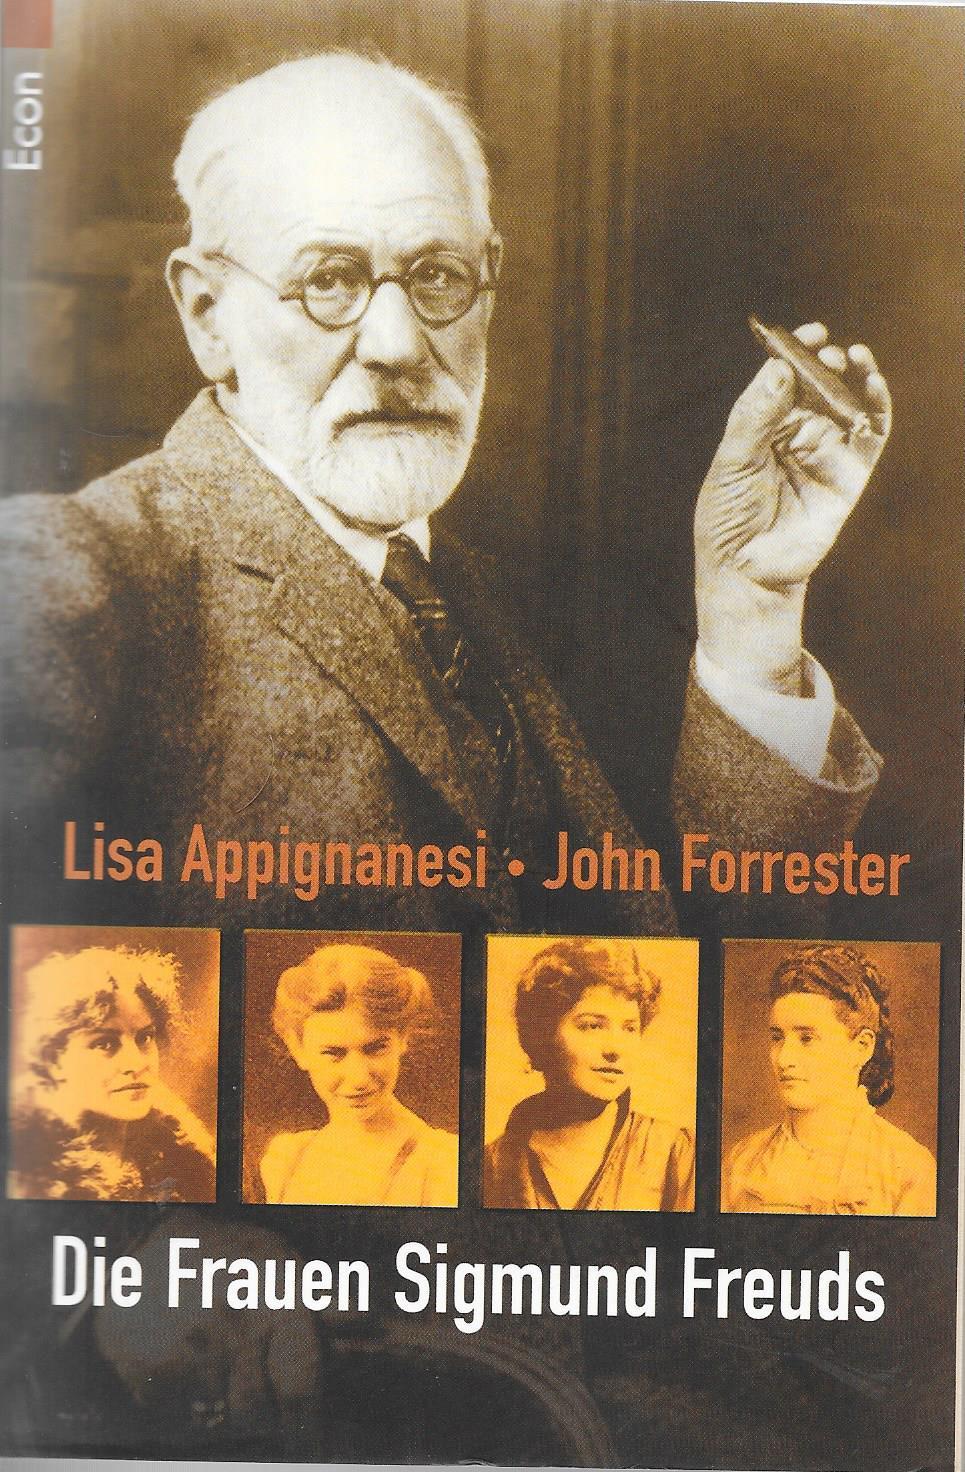 Die Frauen Sigmund Freuds - Lisa Appignanesi, John Forrester